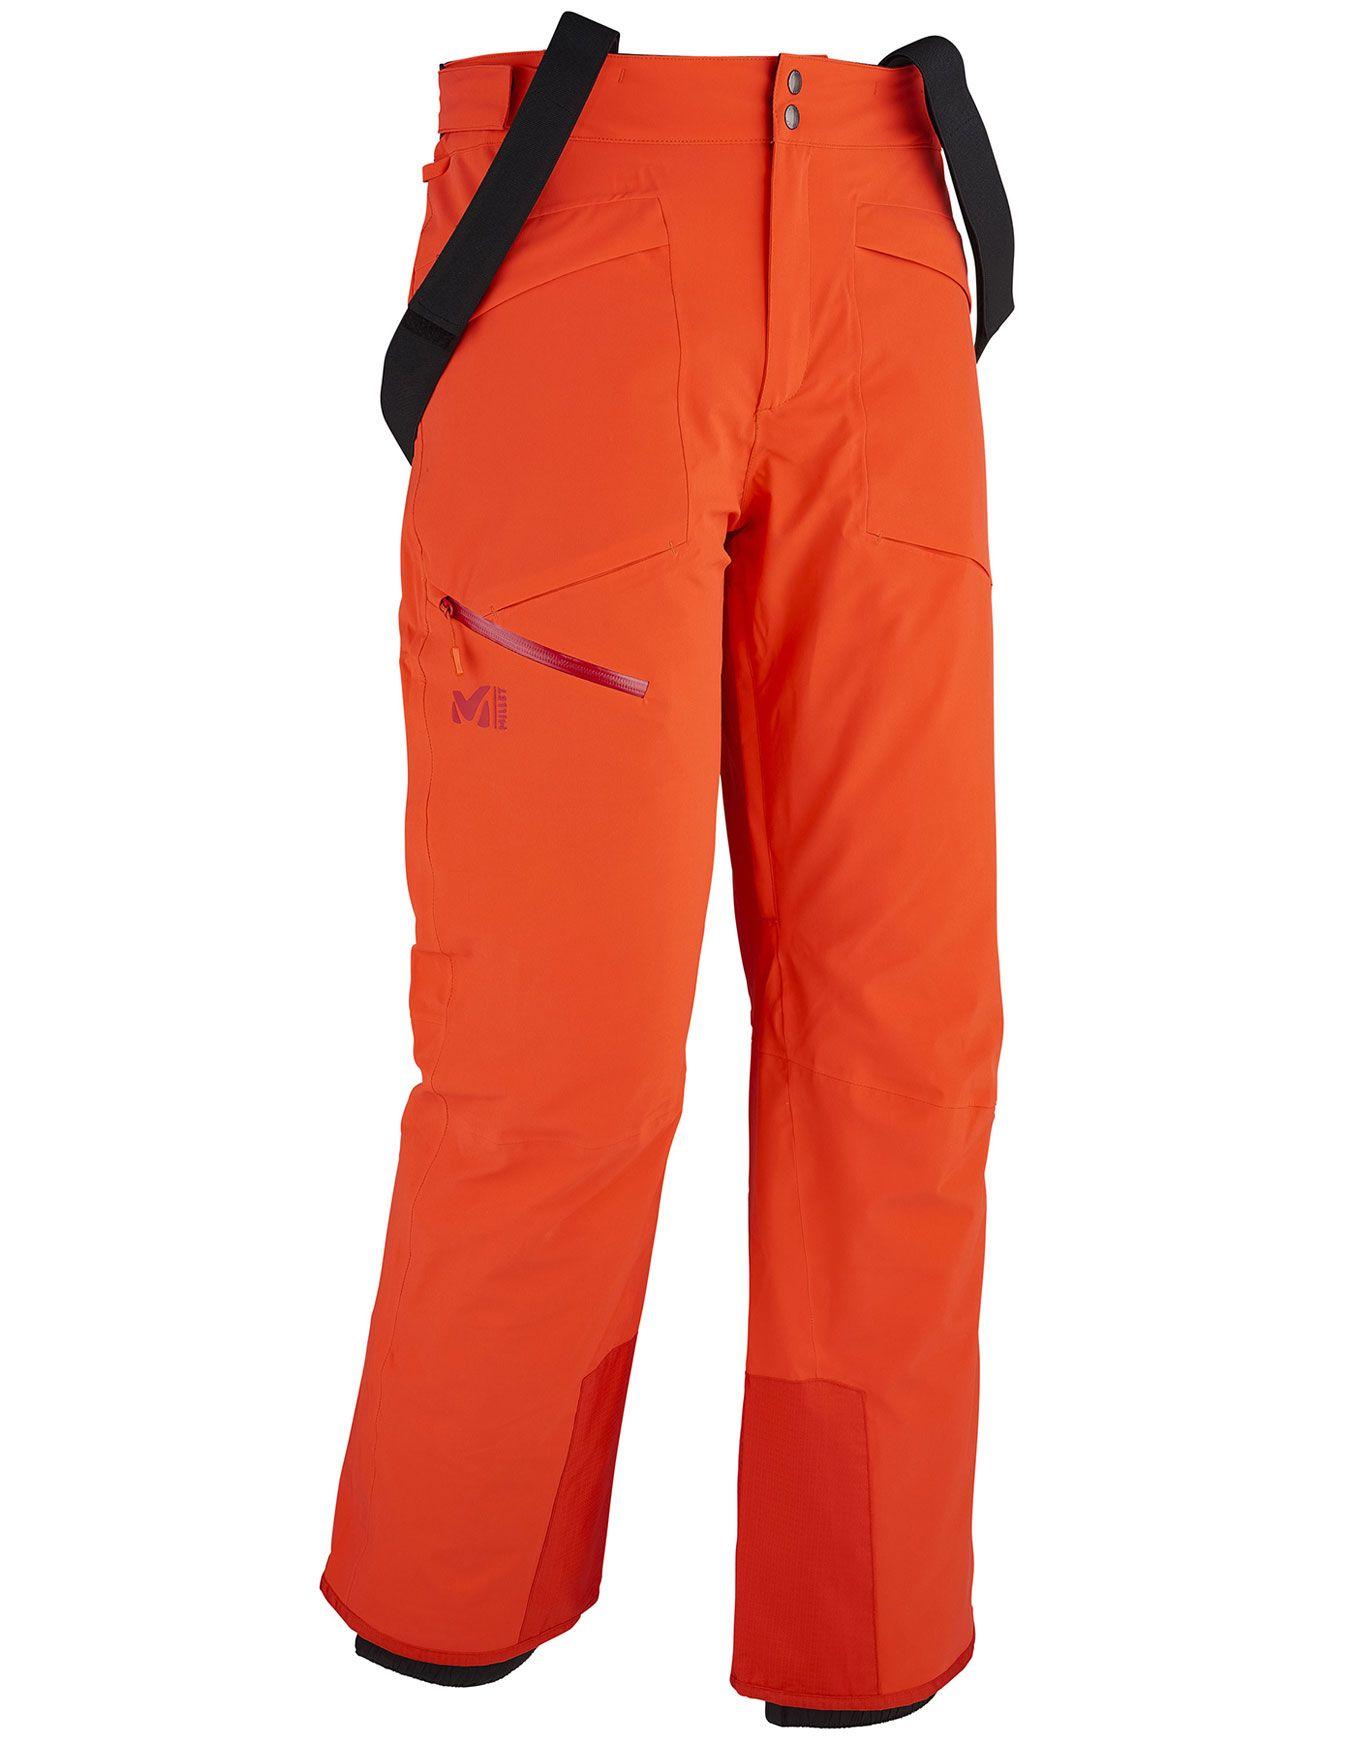 atammik stretch pant orange millet pantalons ski. Black Bedroom Furniture Sets. Home Design Ideas